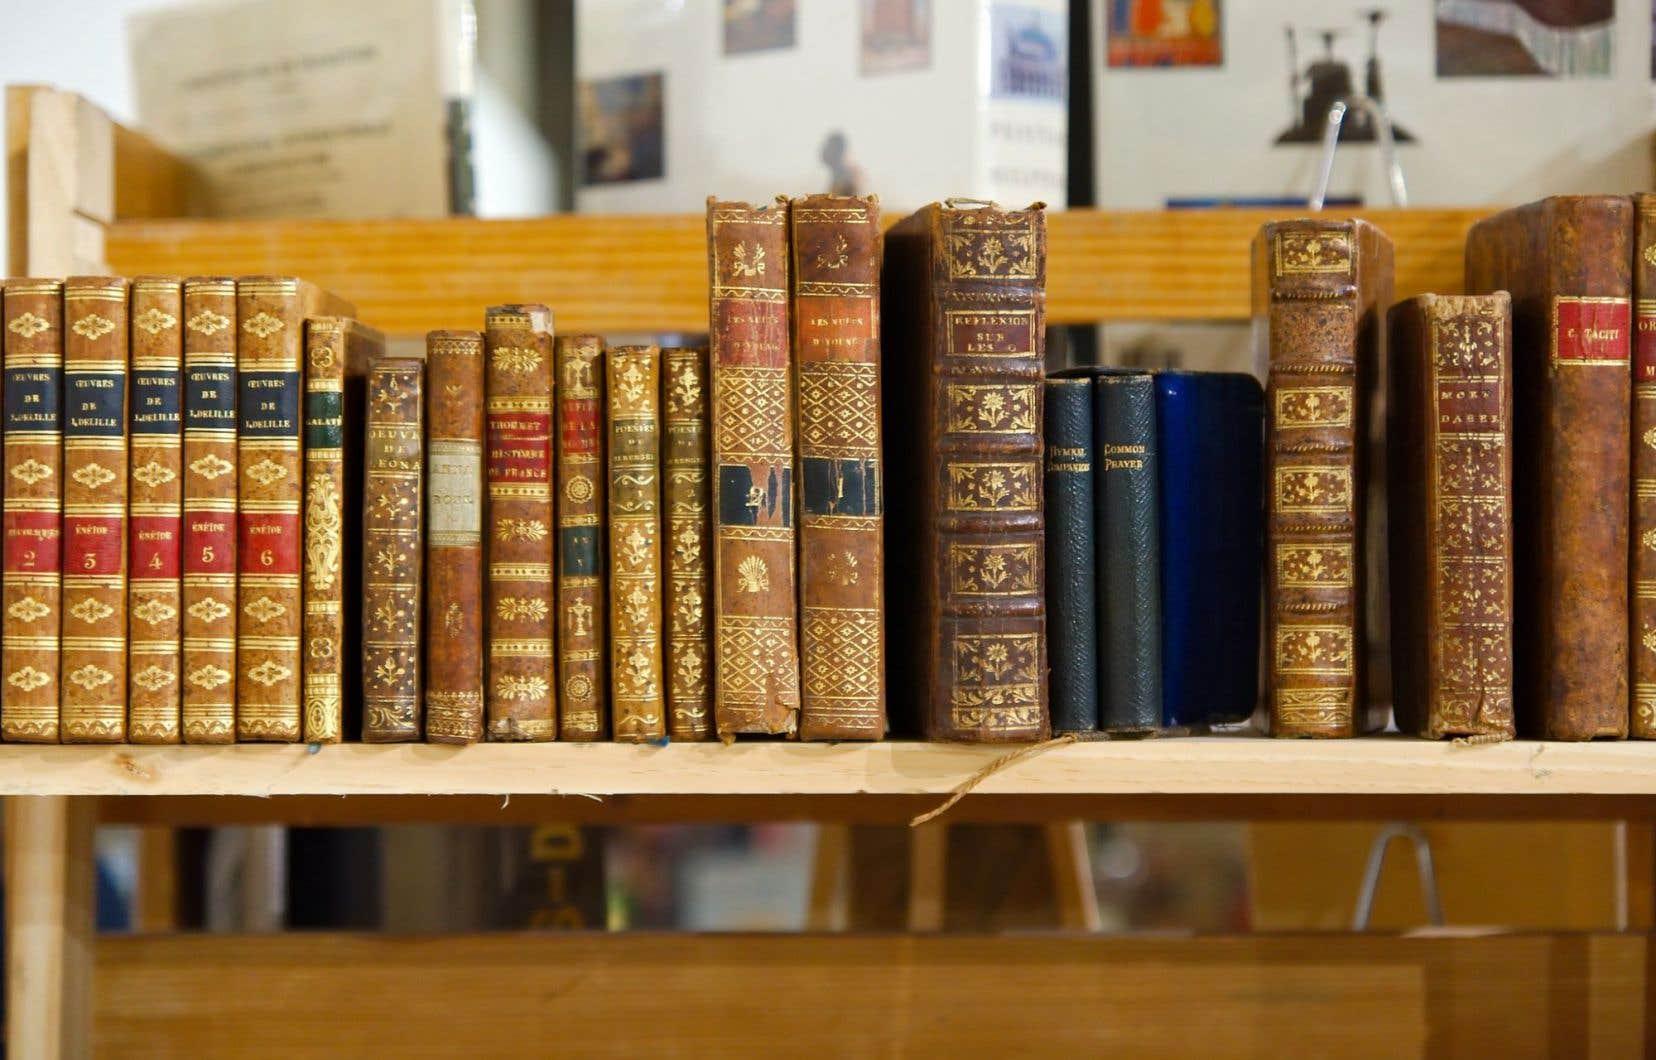 Le Salon du livre ancien promet son lot d'éditions originales, d'autographes, de reliures somptueuses, de gravures, de cartes anciennes et autres.